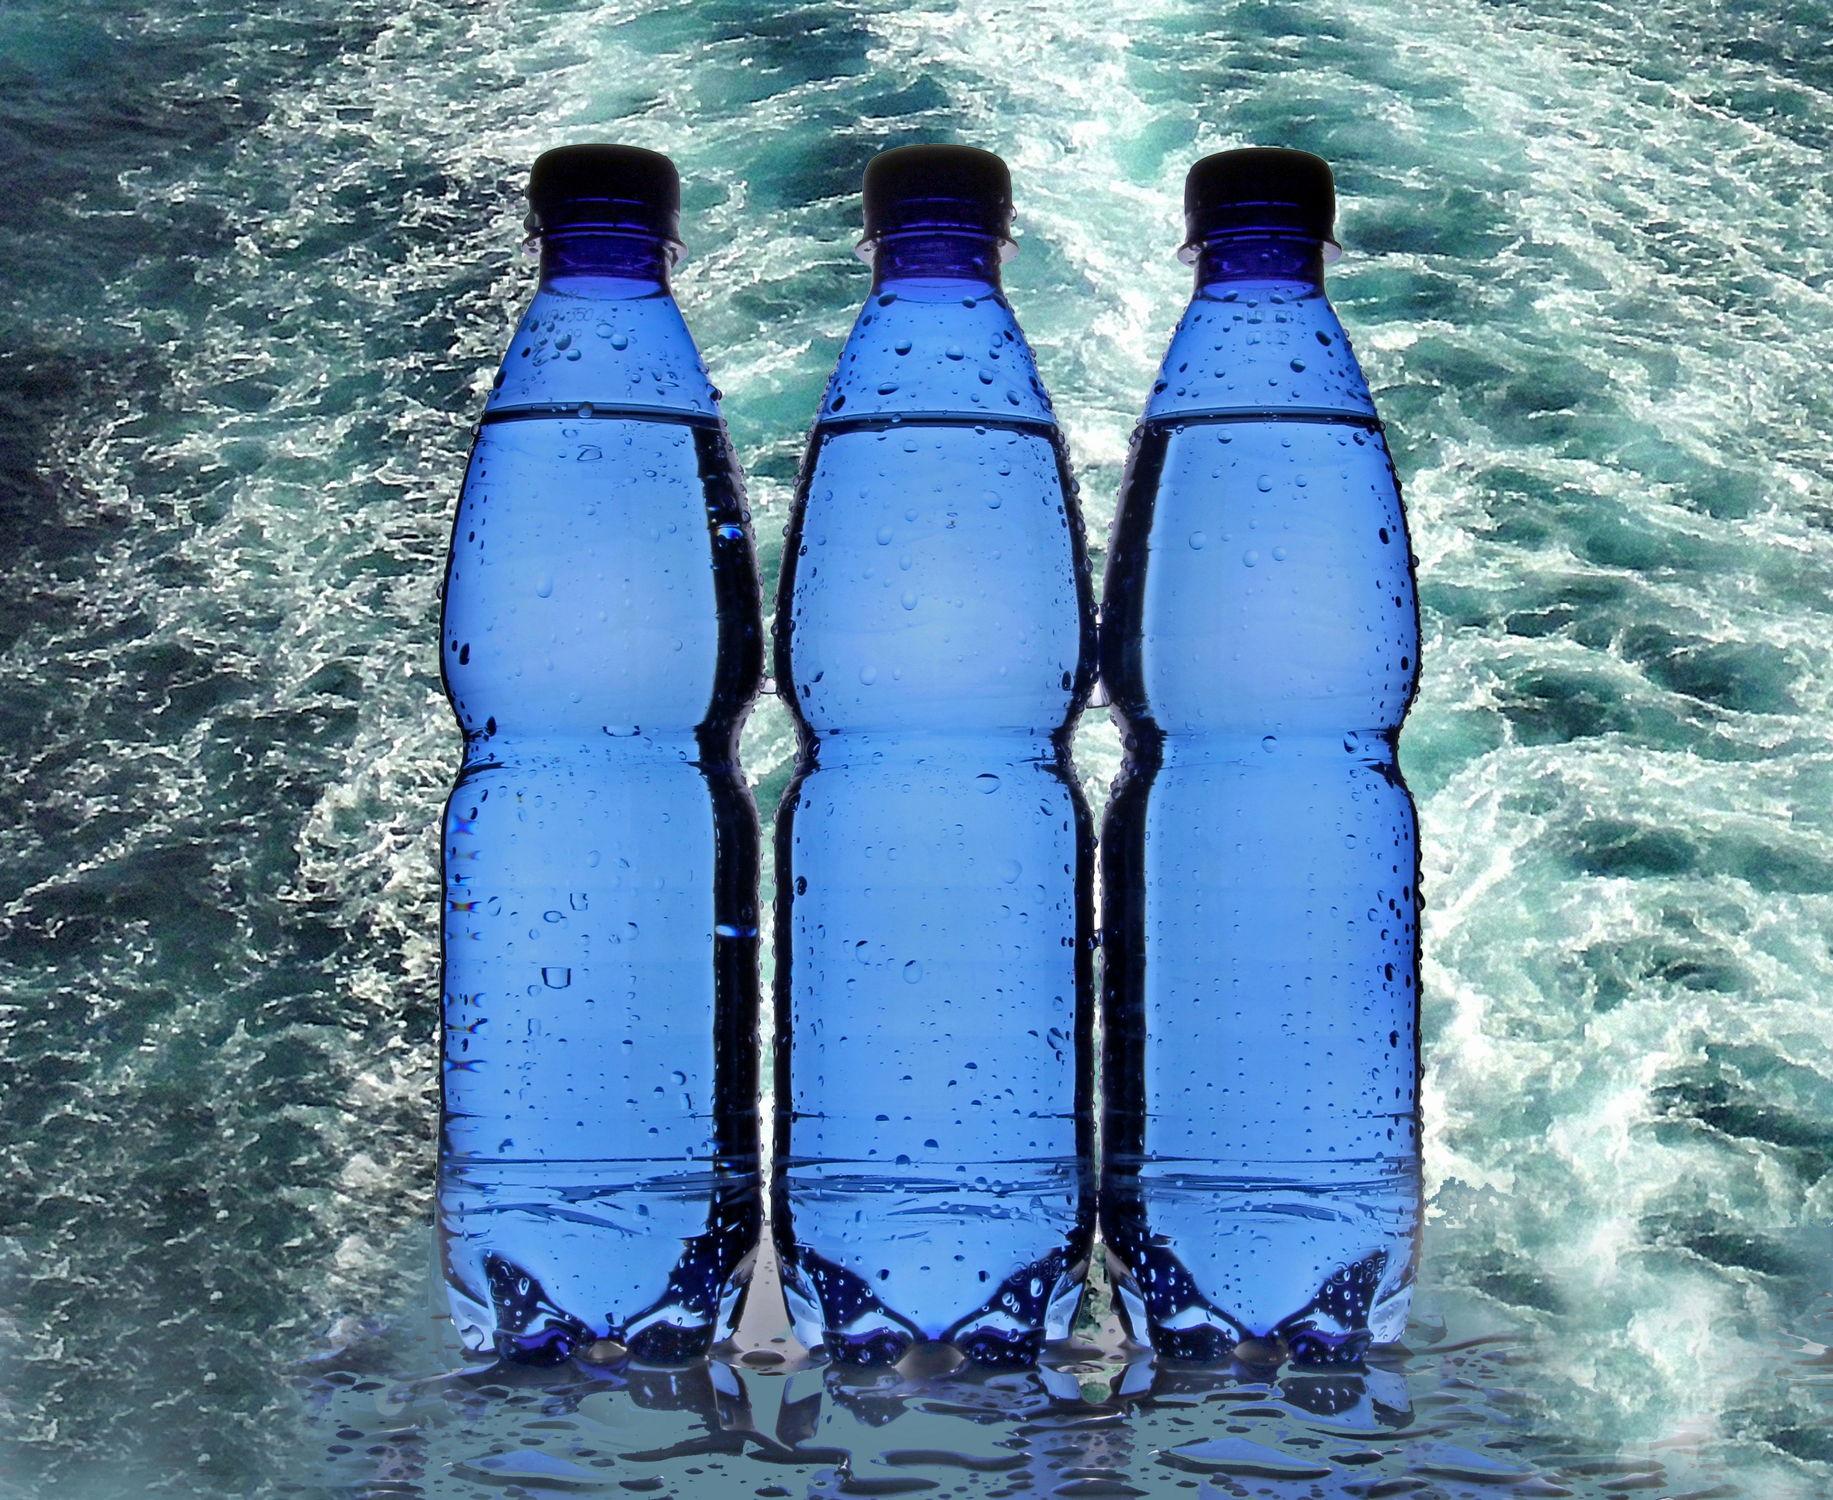 Bild mit Wasser, Gewässer, Trinken, Meer, See, Wassertropfen, frisch, Getränk, Fluss, wasserflasche, wasserflaschen, frische